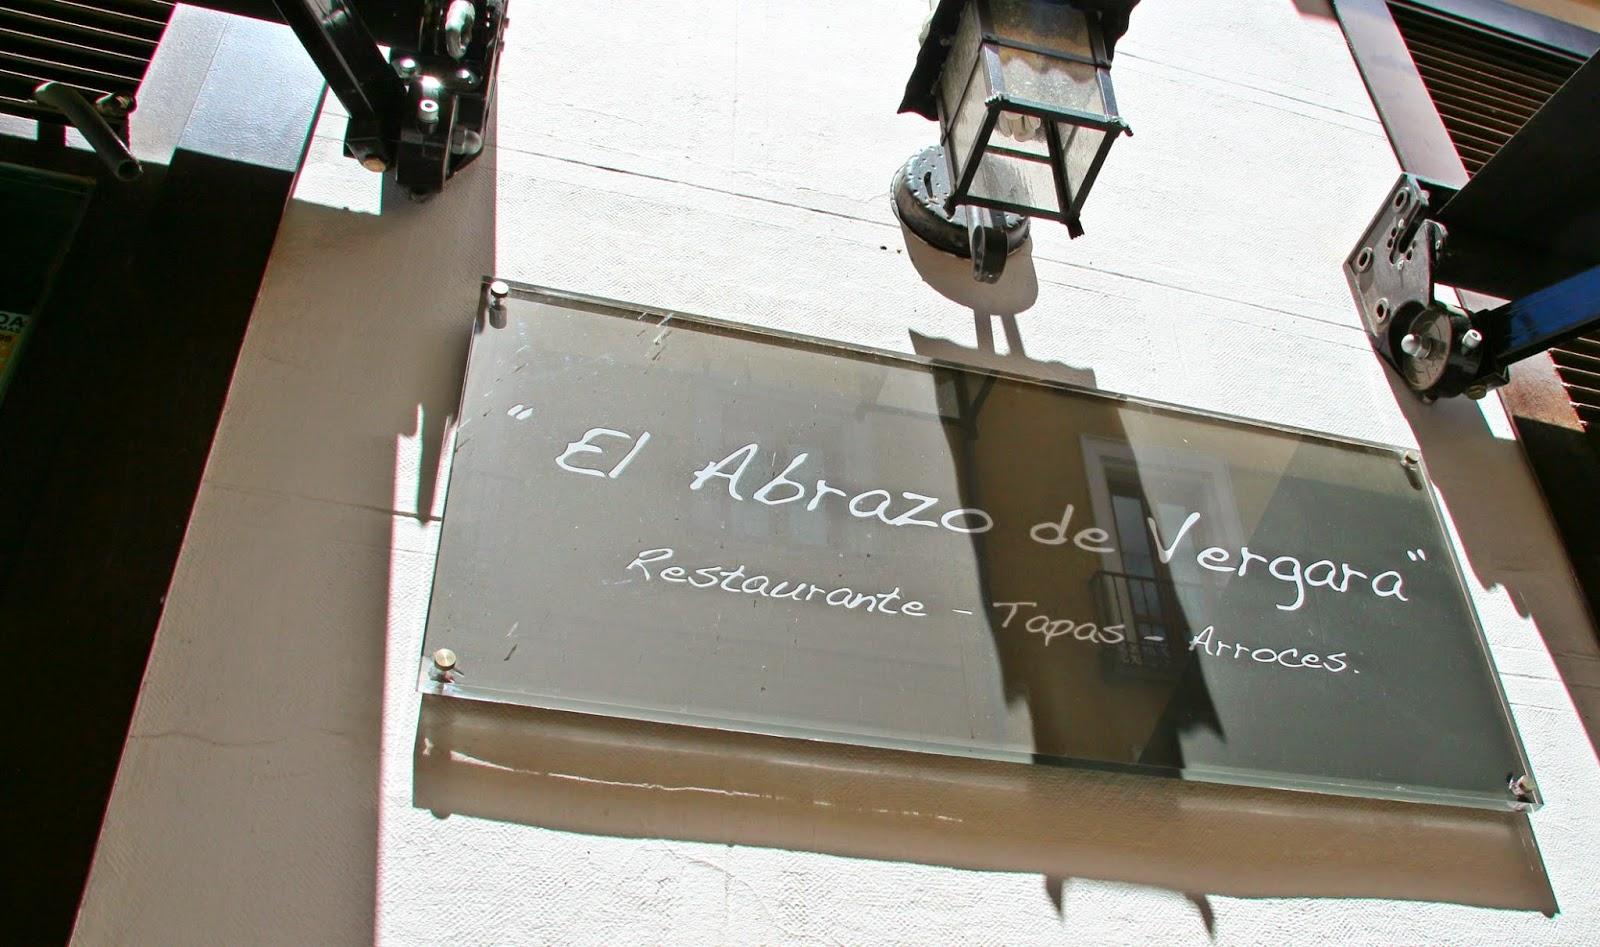 El Abrazo de Vergara, cocina de autor, exquisito, platos elaborados, acogedor, cenas, Plaza de Oriente, Ópera, Madrid